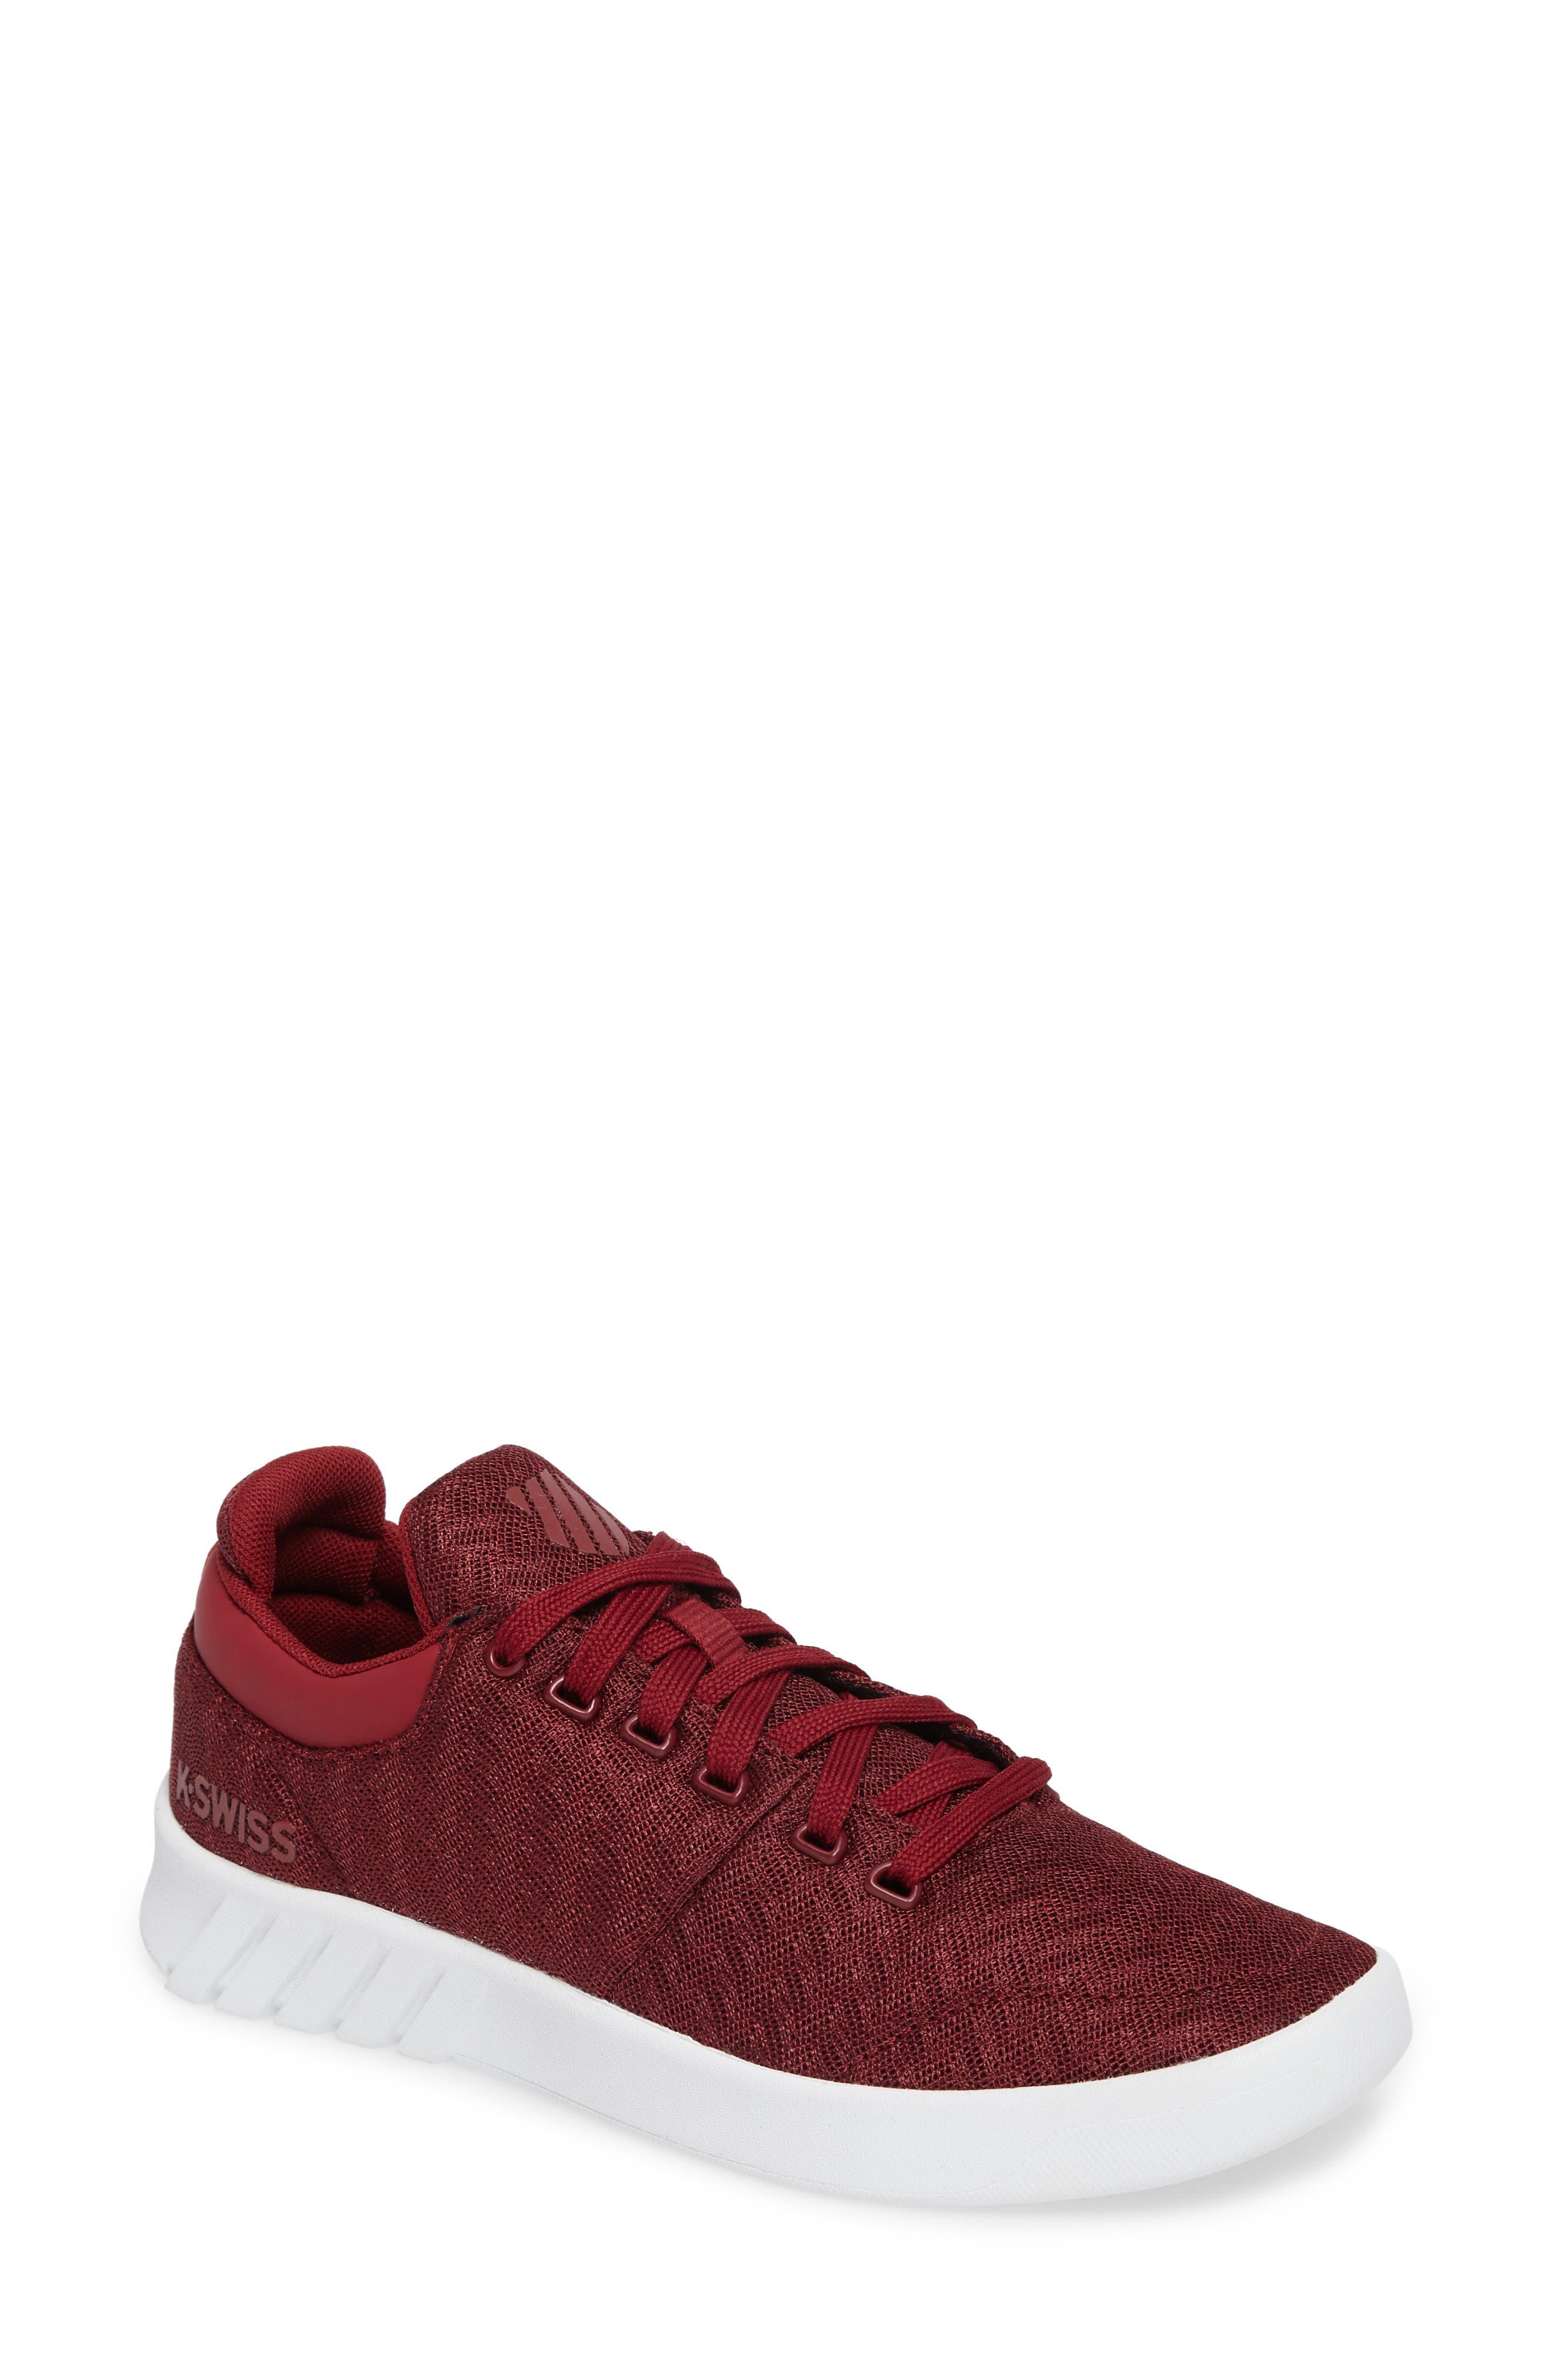 Aero Trainer T Sneaker,                         Main,                         color, Tibetan Red/ White